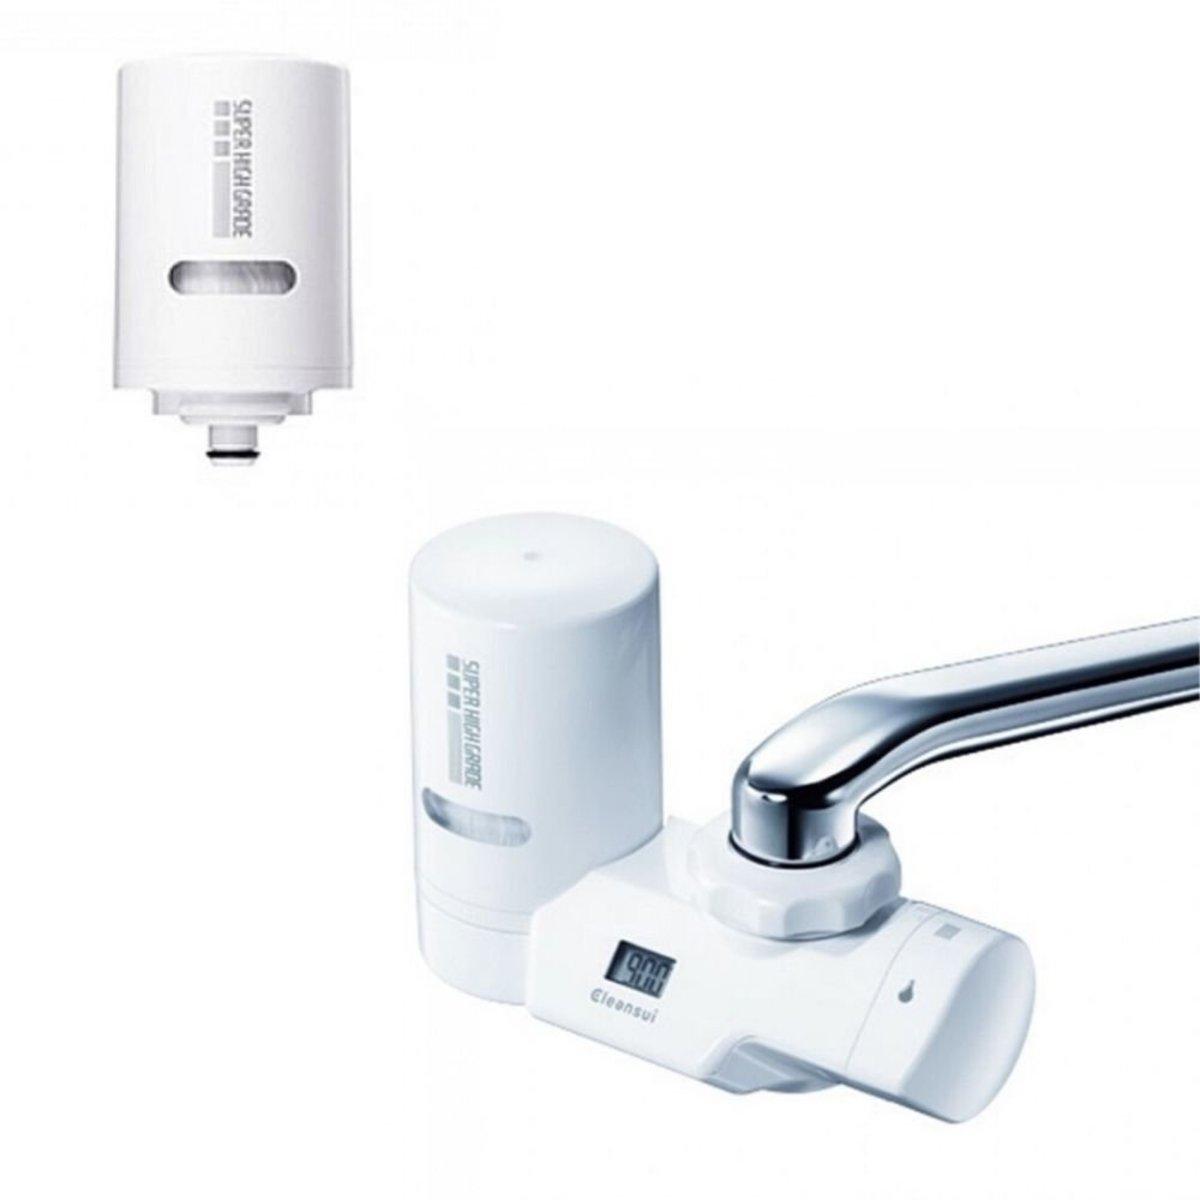 水龍頭安裝型濾水器 EF203 + 濾芯 EFC21